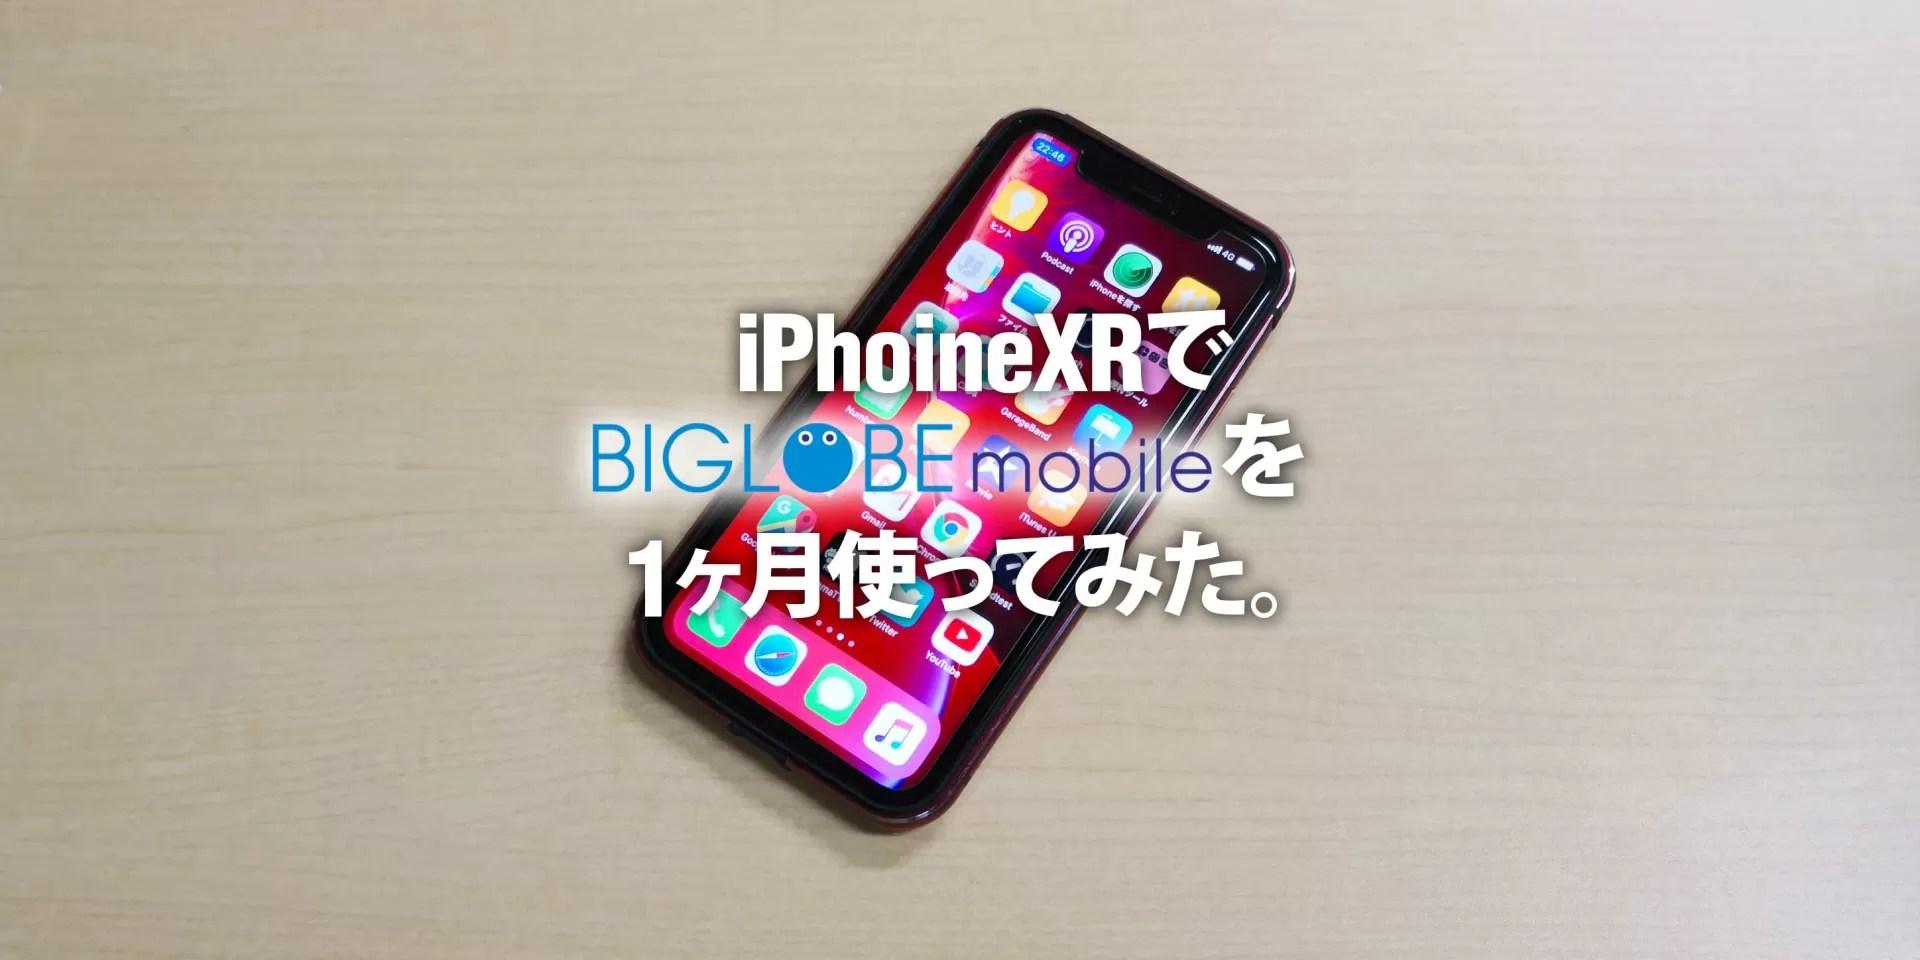 【報告】BIGLOBEモバイル1ヶ月利用報告:速度・料金・エンタメフリーに大満足!!